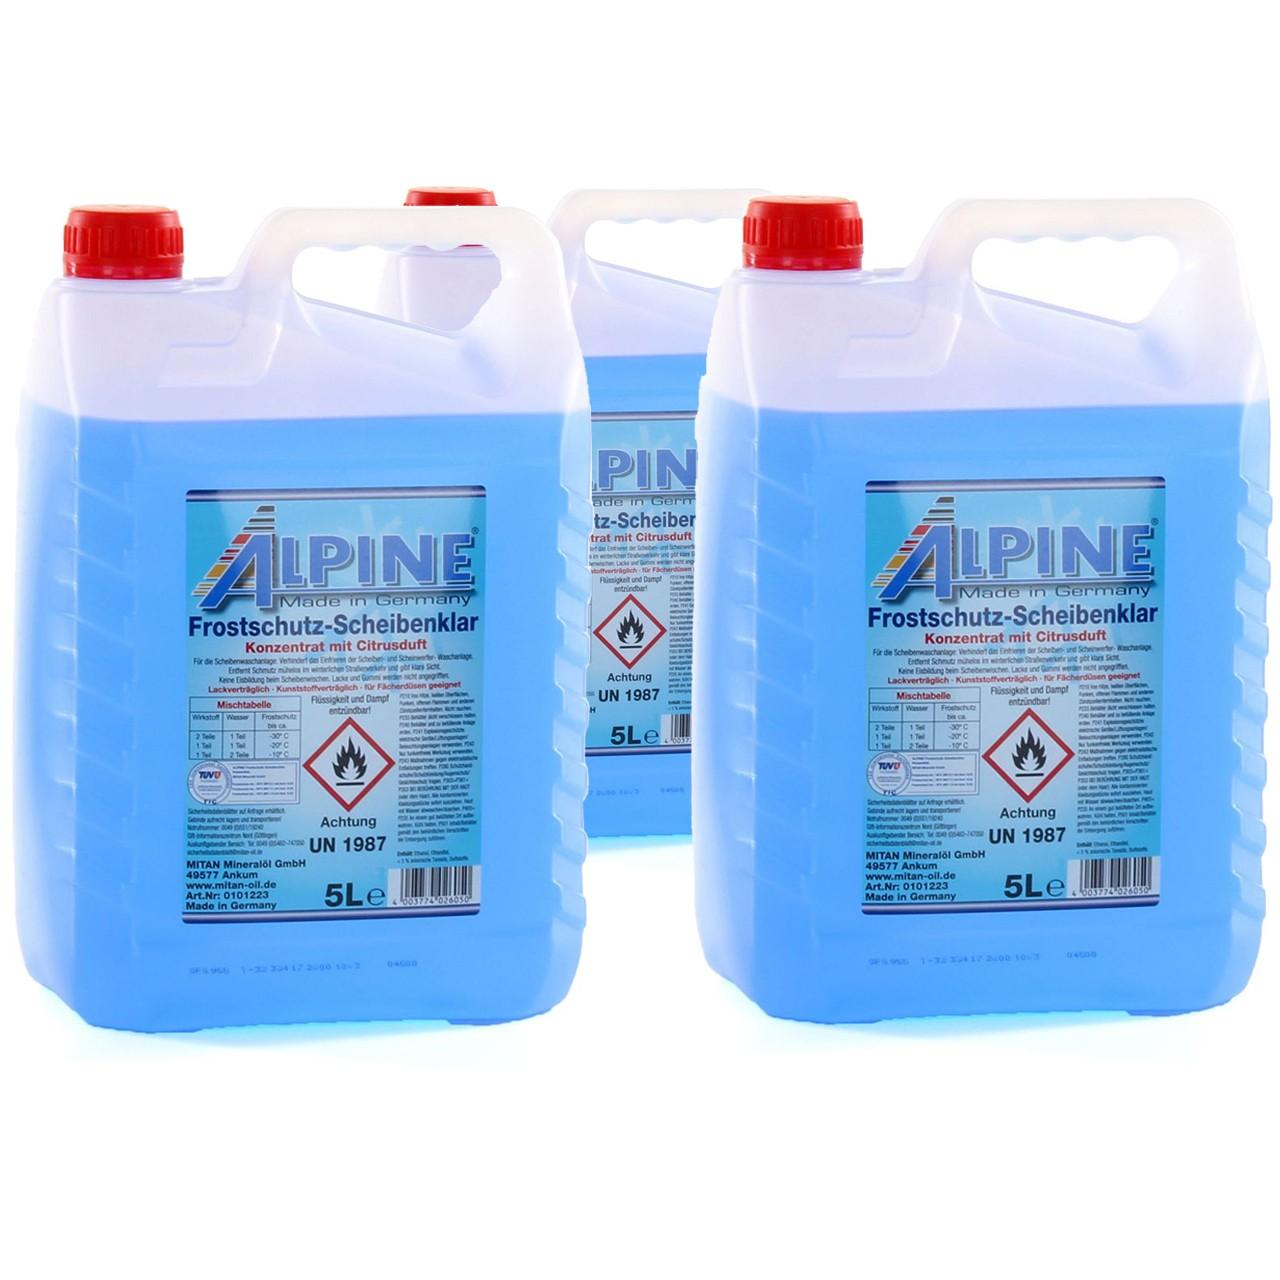 ALPINE Frostschutz SCHEIBENKLAR Scheibenfrostschutz Konzentrat -60°C BLAU 3x 5L